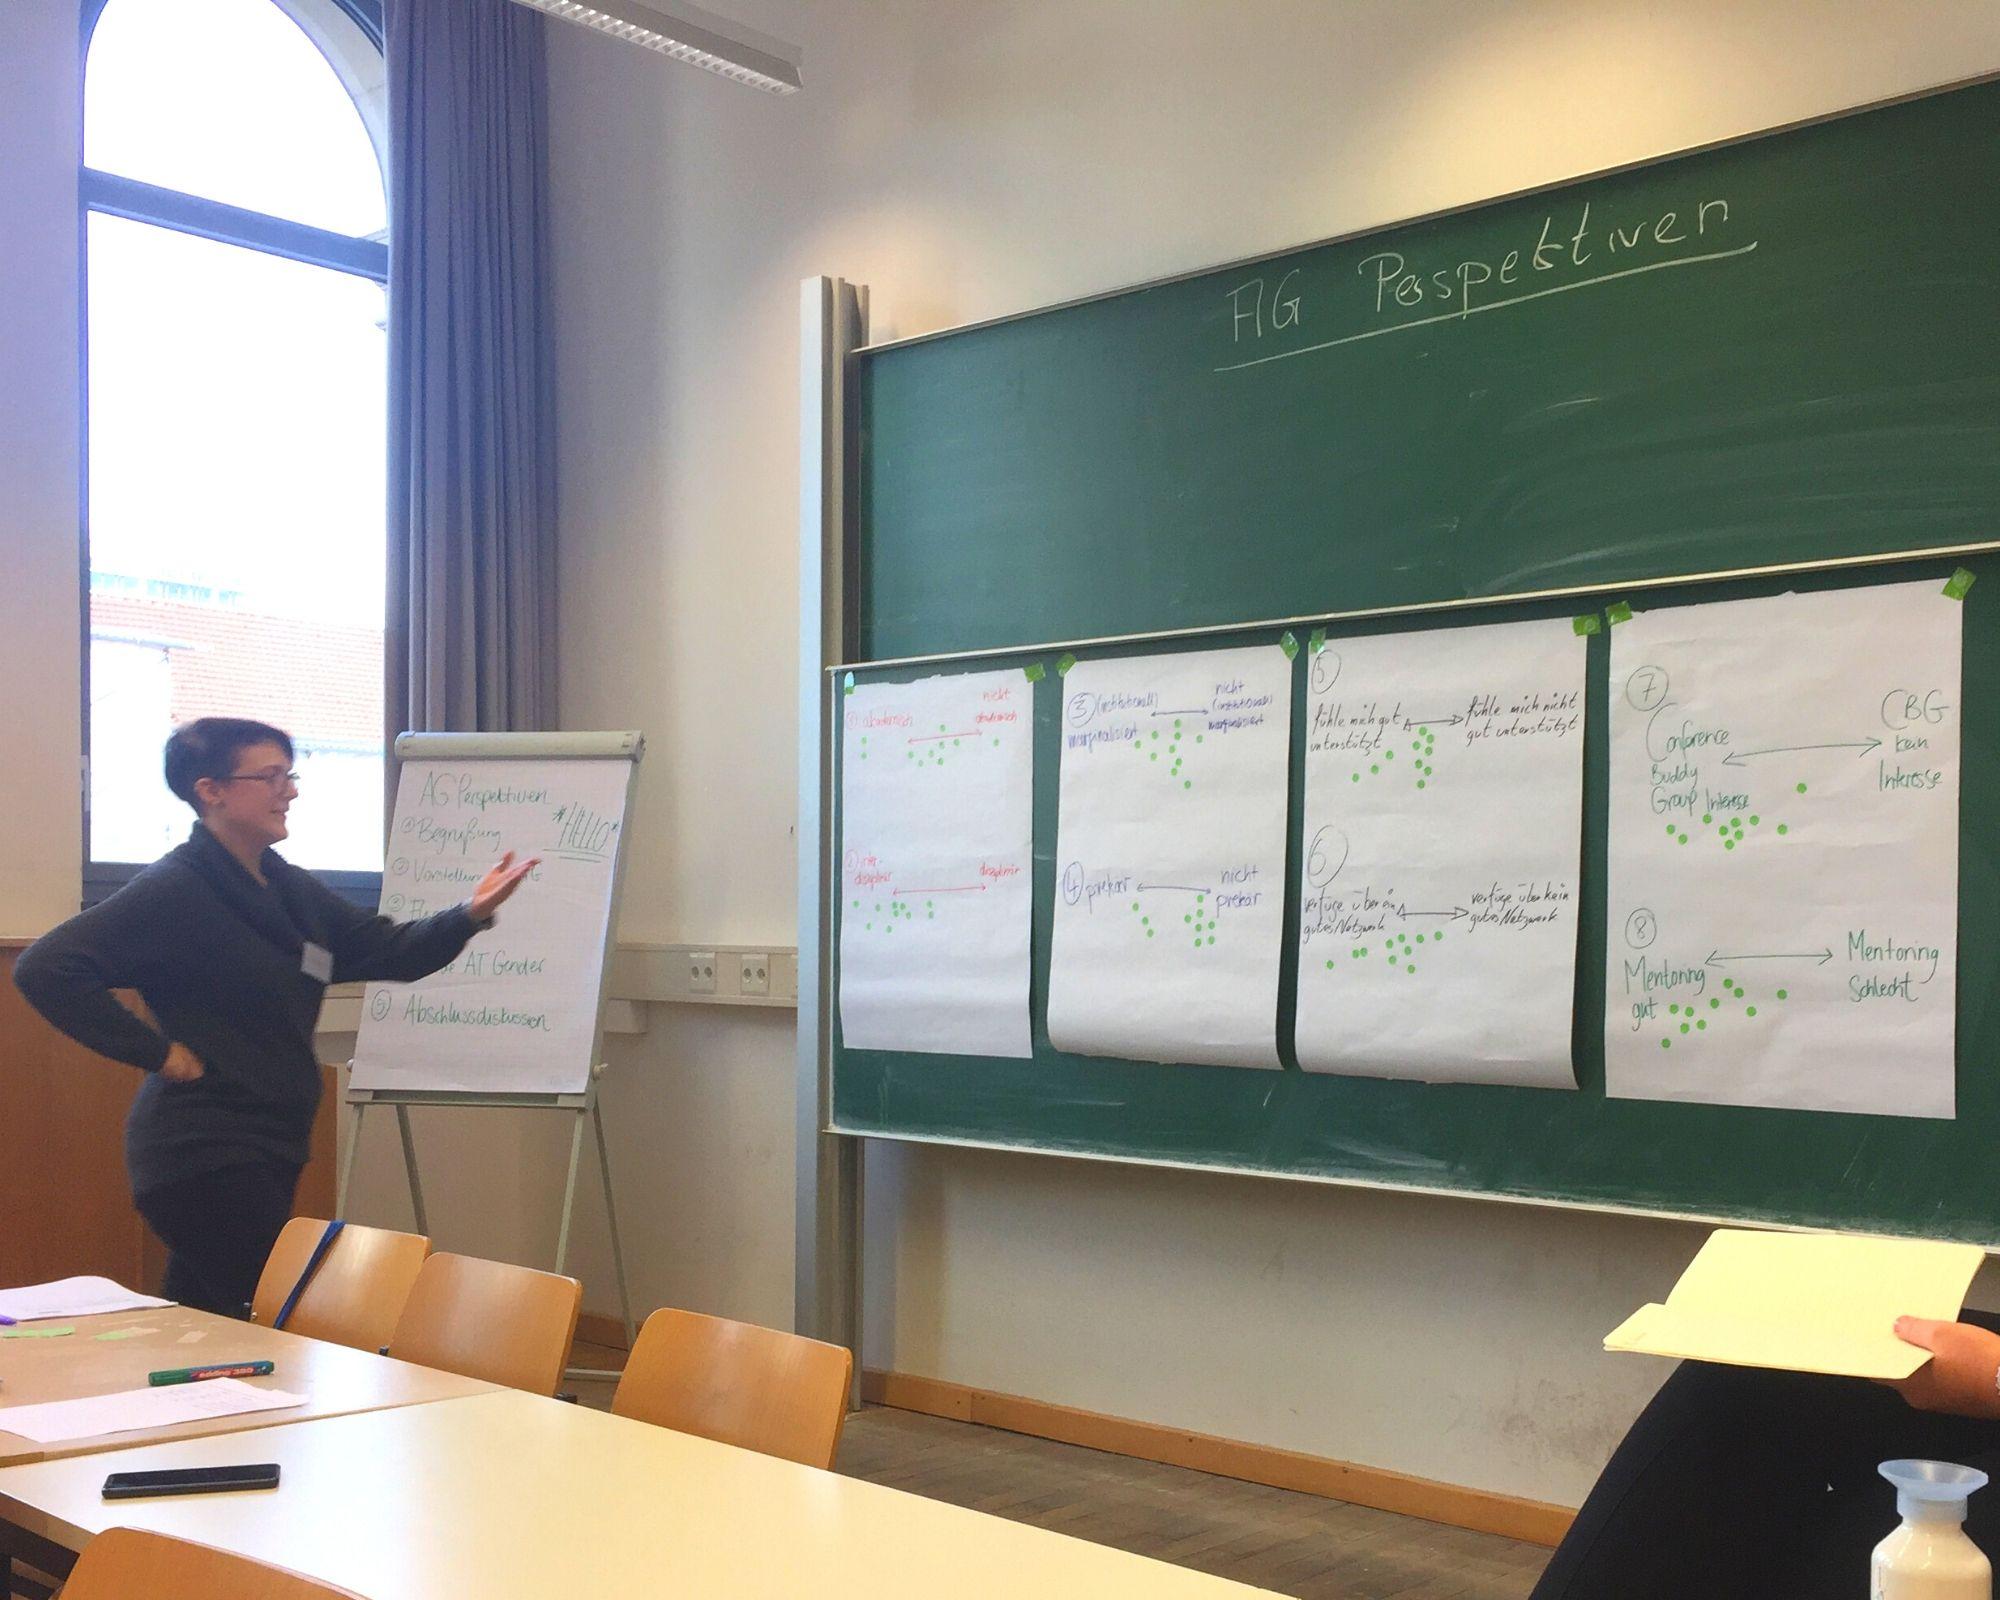 5 Jahre AG-Perspektiven: Überlegungen im offenen Forum